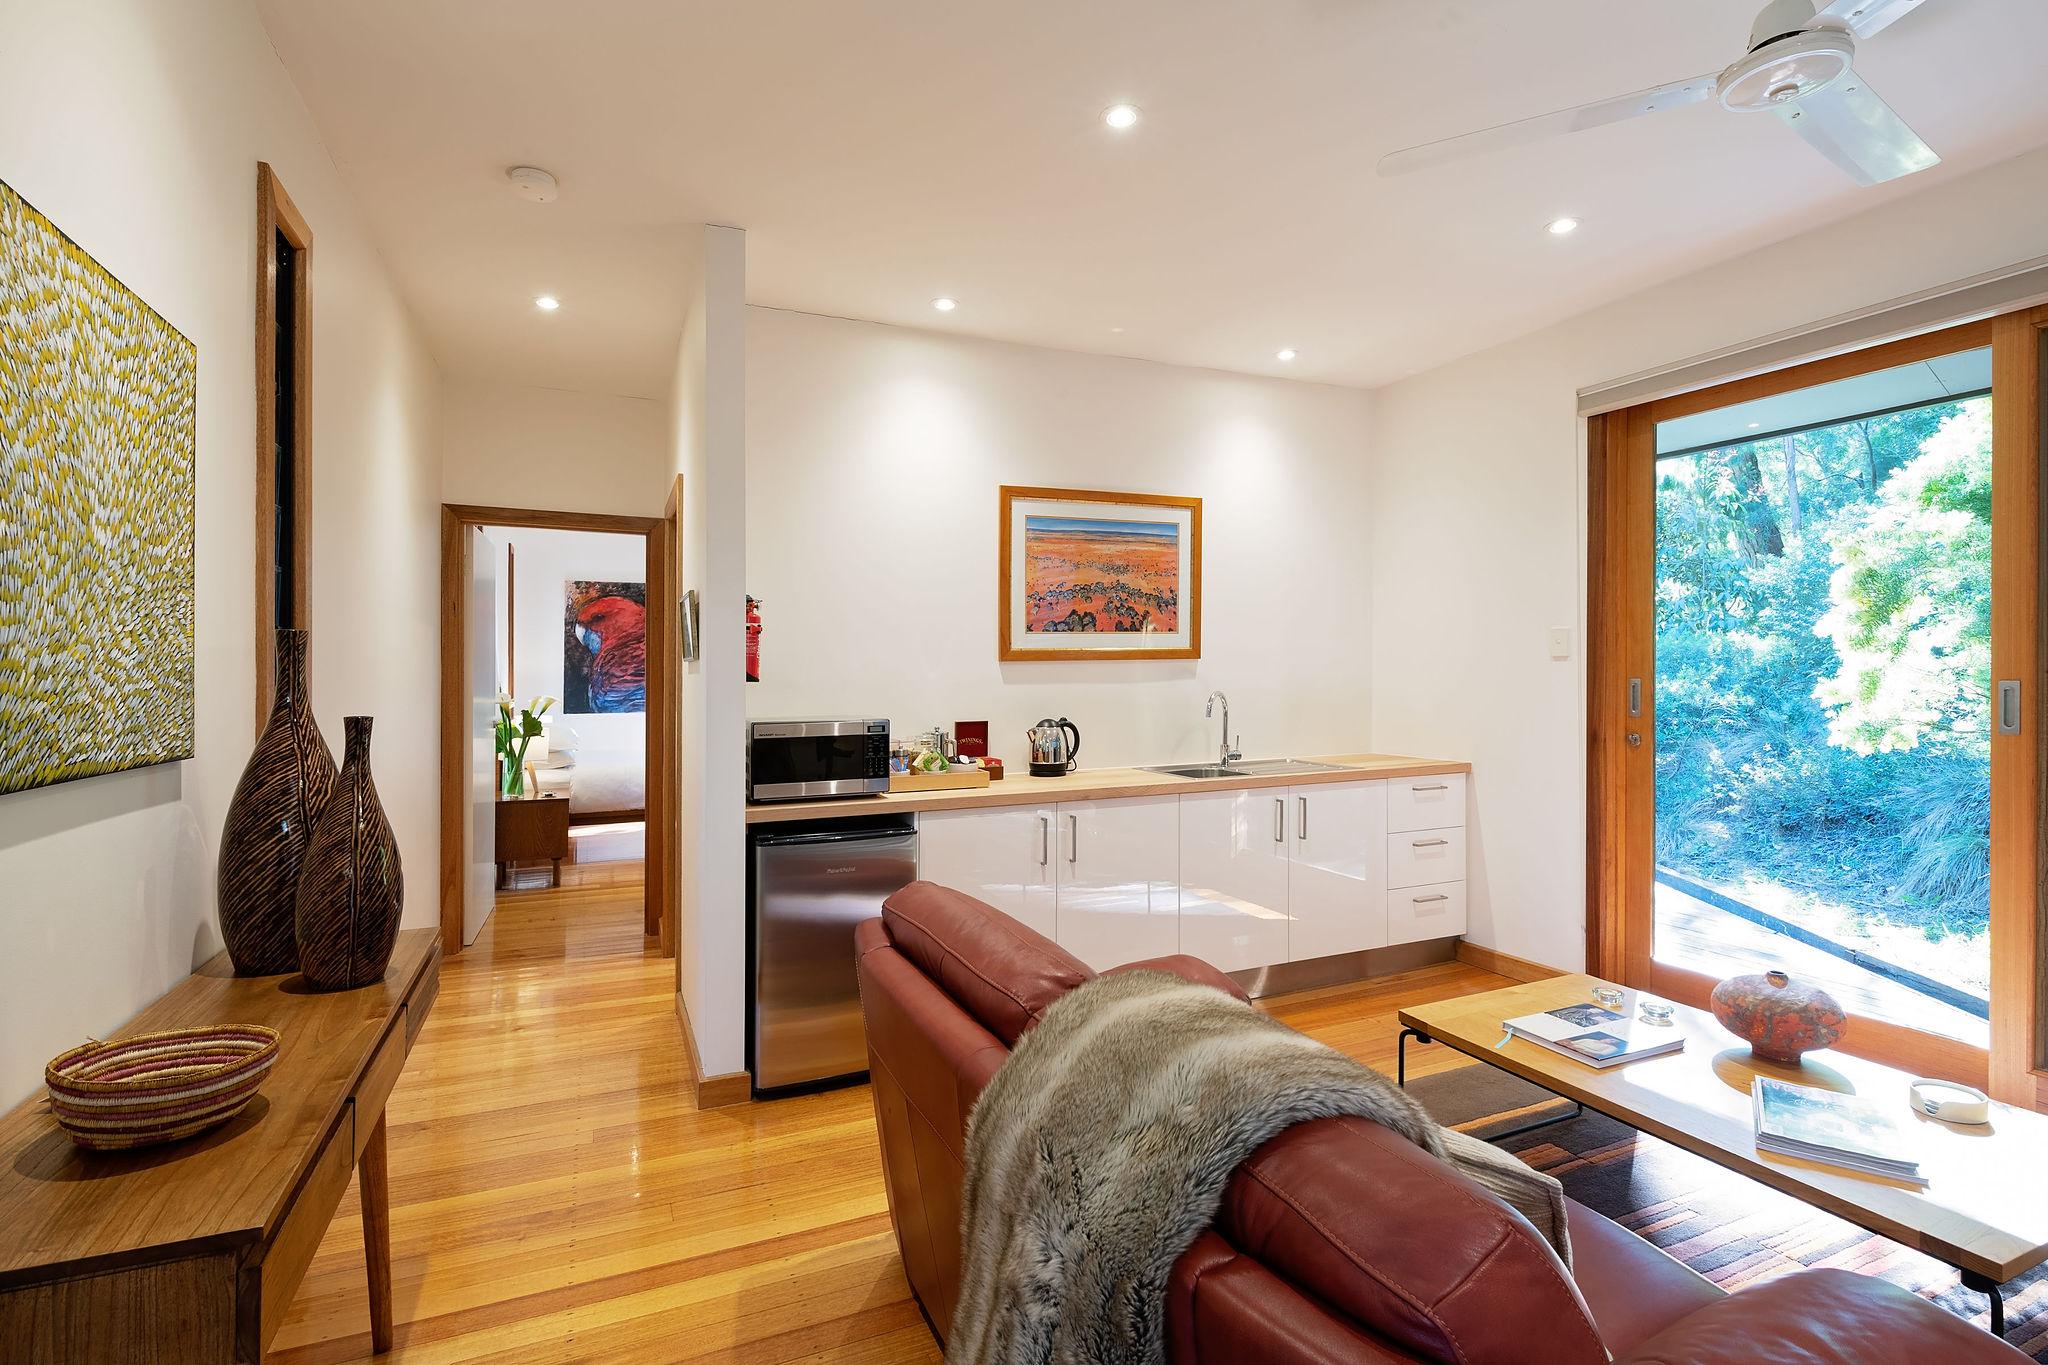 dunes lounge to bedroom